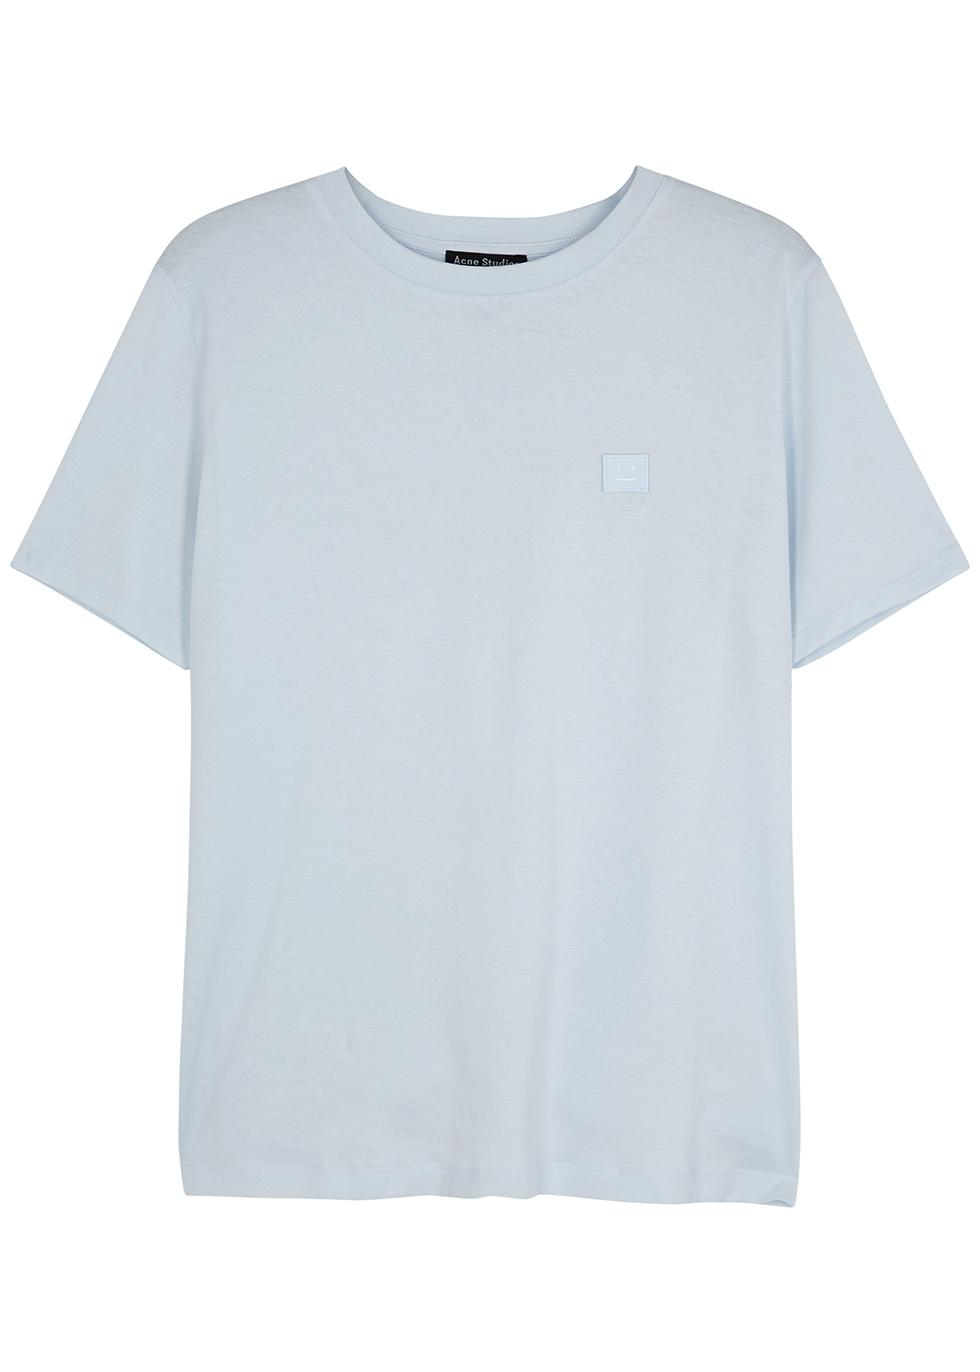 887a196c0 Women s Designer T-Shirts - Cotton